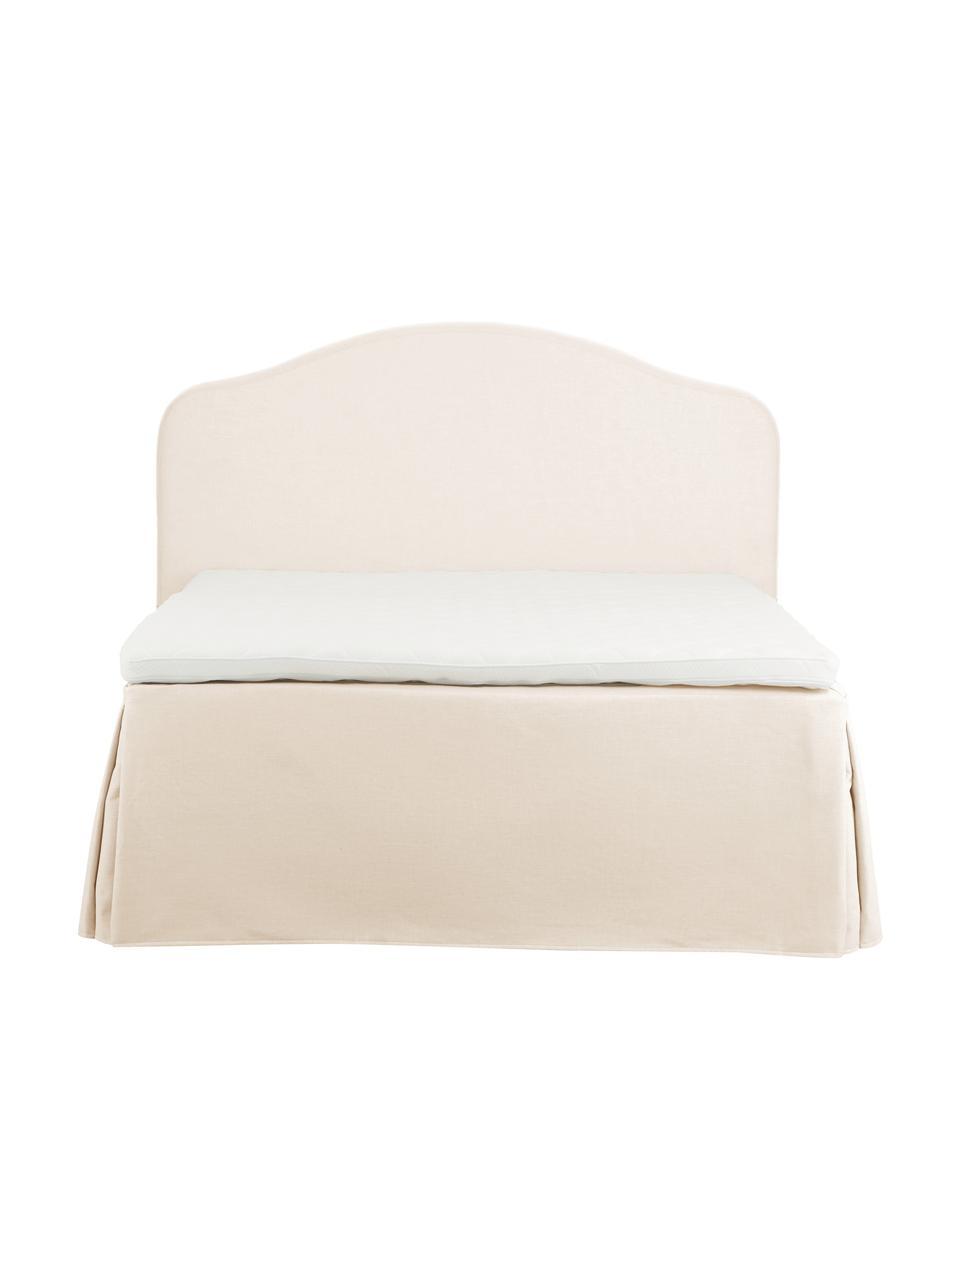 Letto boxspring premium in tessuto bianco crema Dahlia, Materasso: nucleo a 5 zone di molle , Piedini: legno massiccio di betull, Bianco crema, 140 x 200 cm